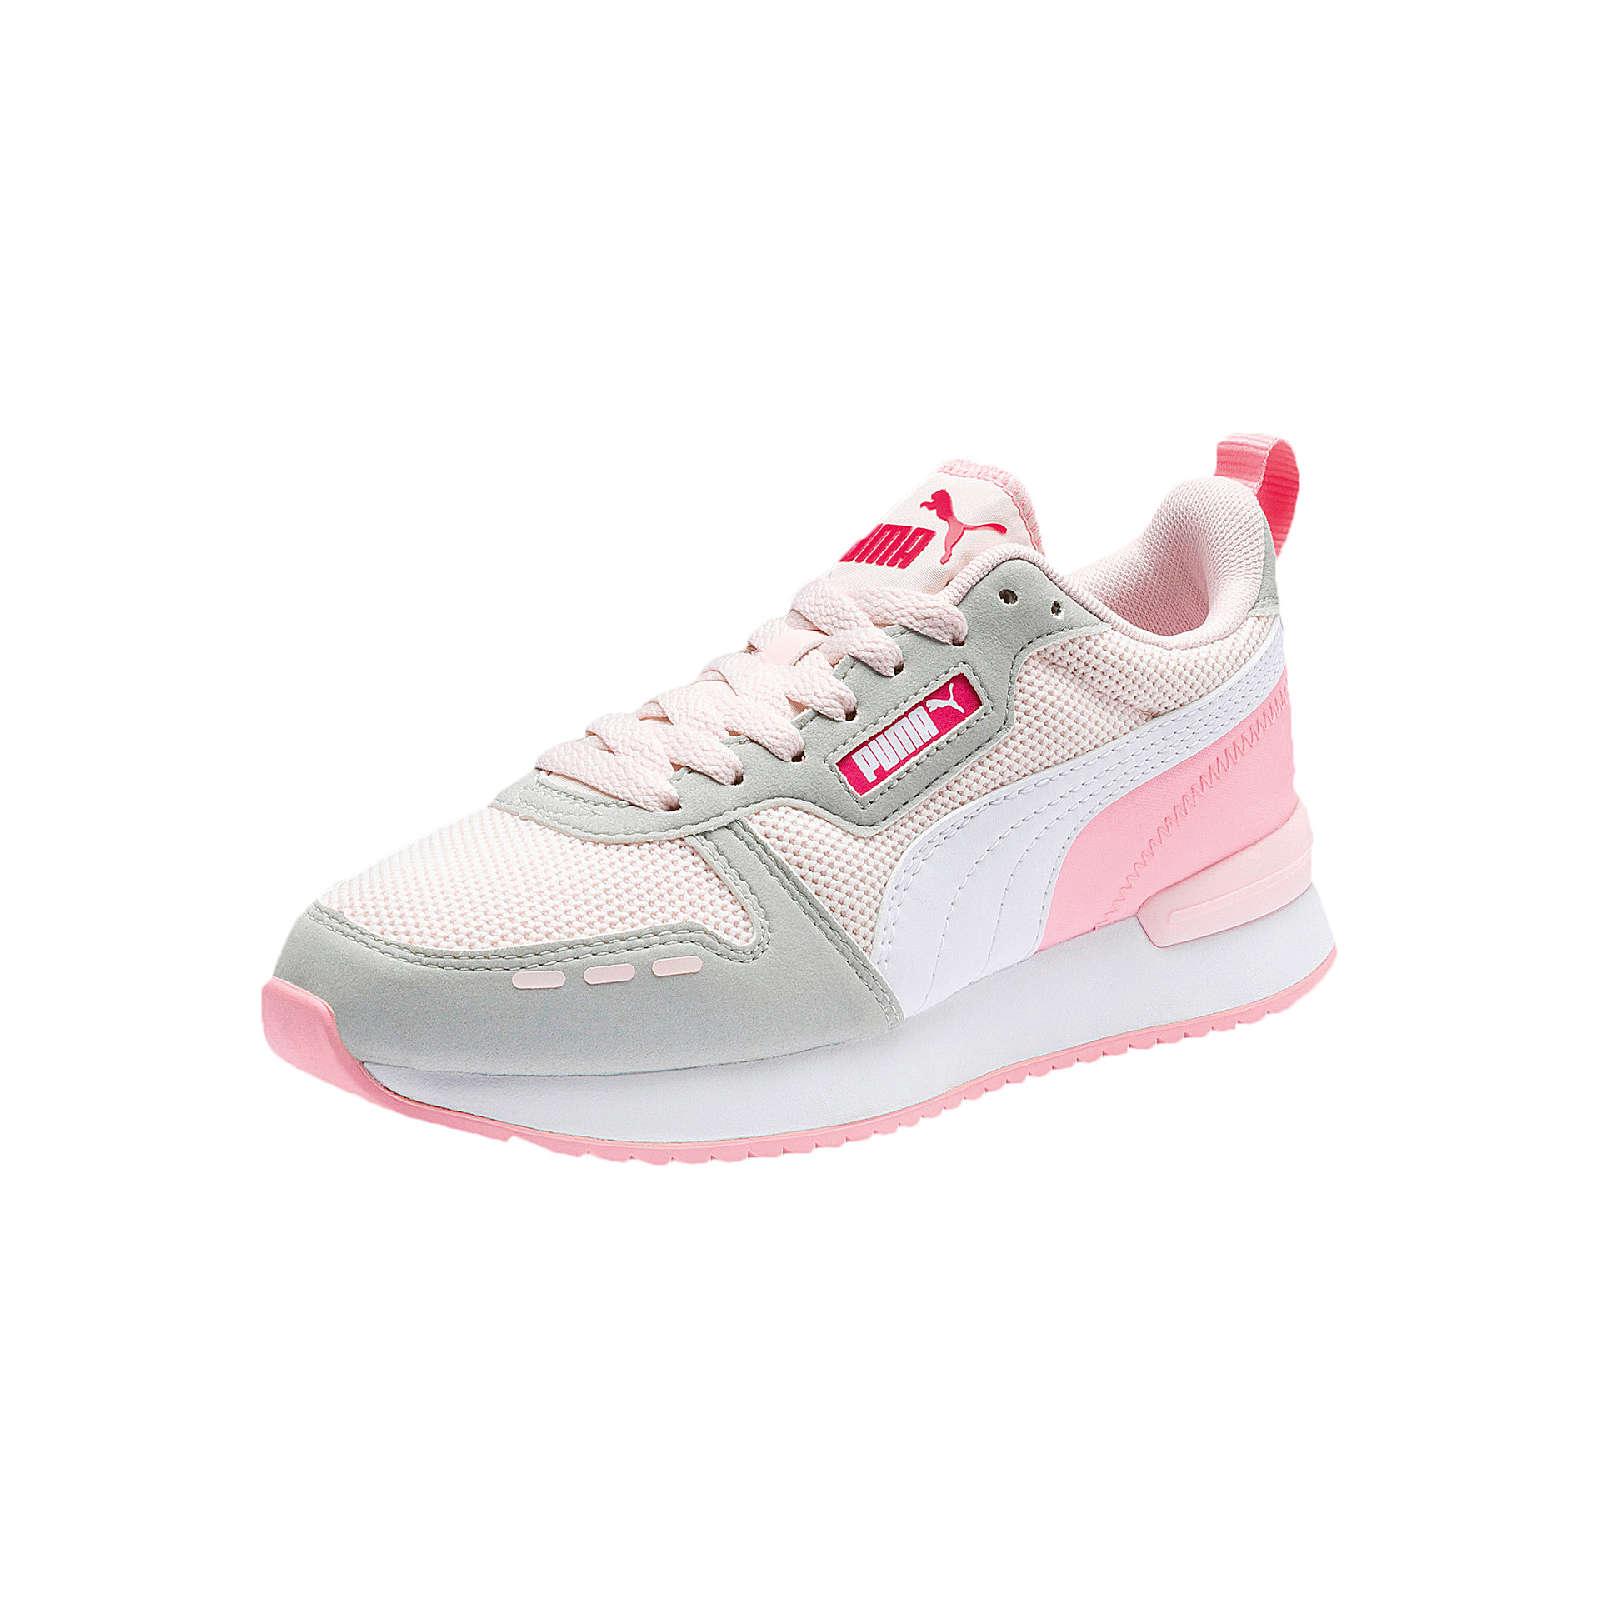 puma R78 sportschoenen, Roze/Grijs/Wit38